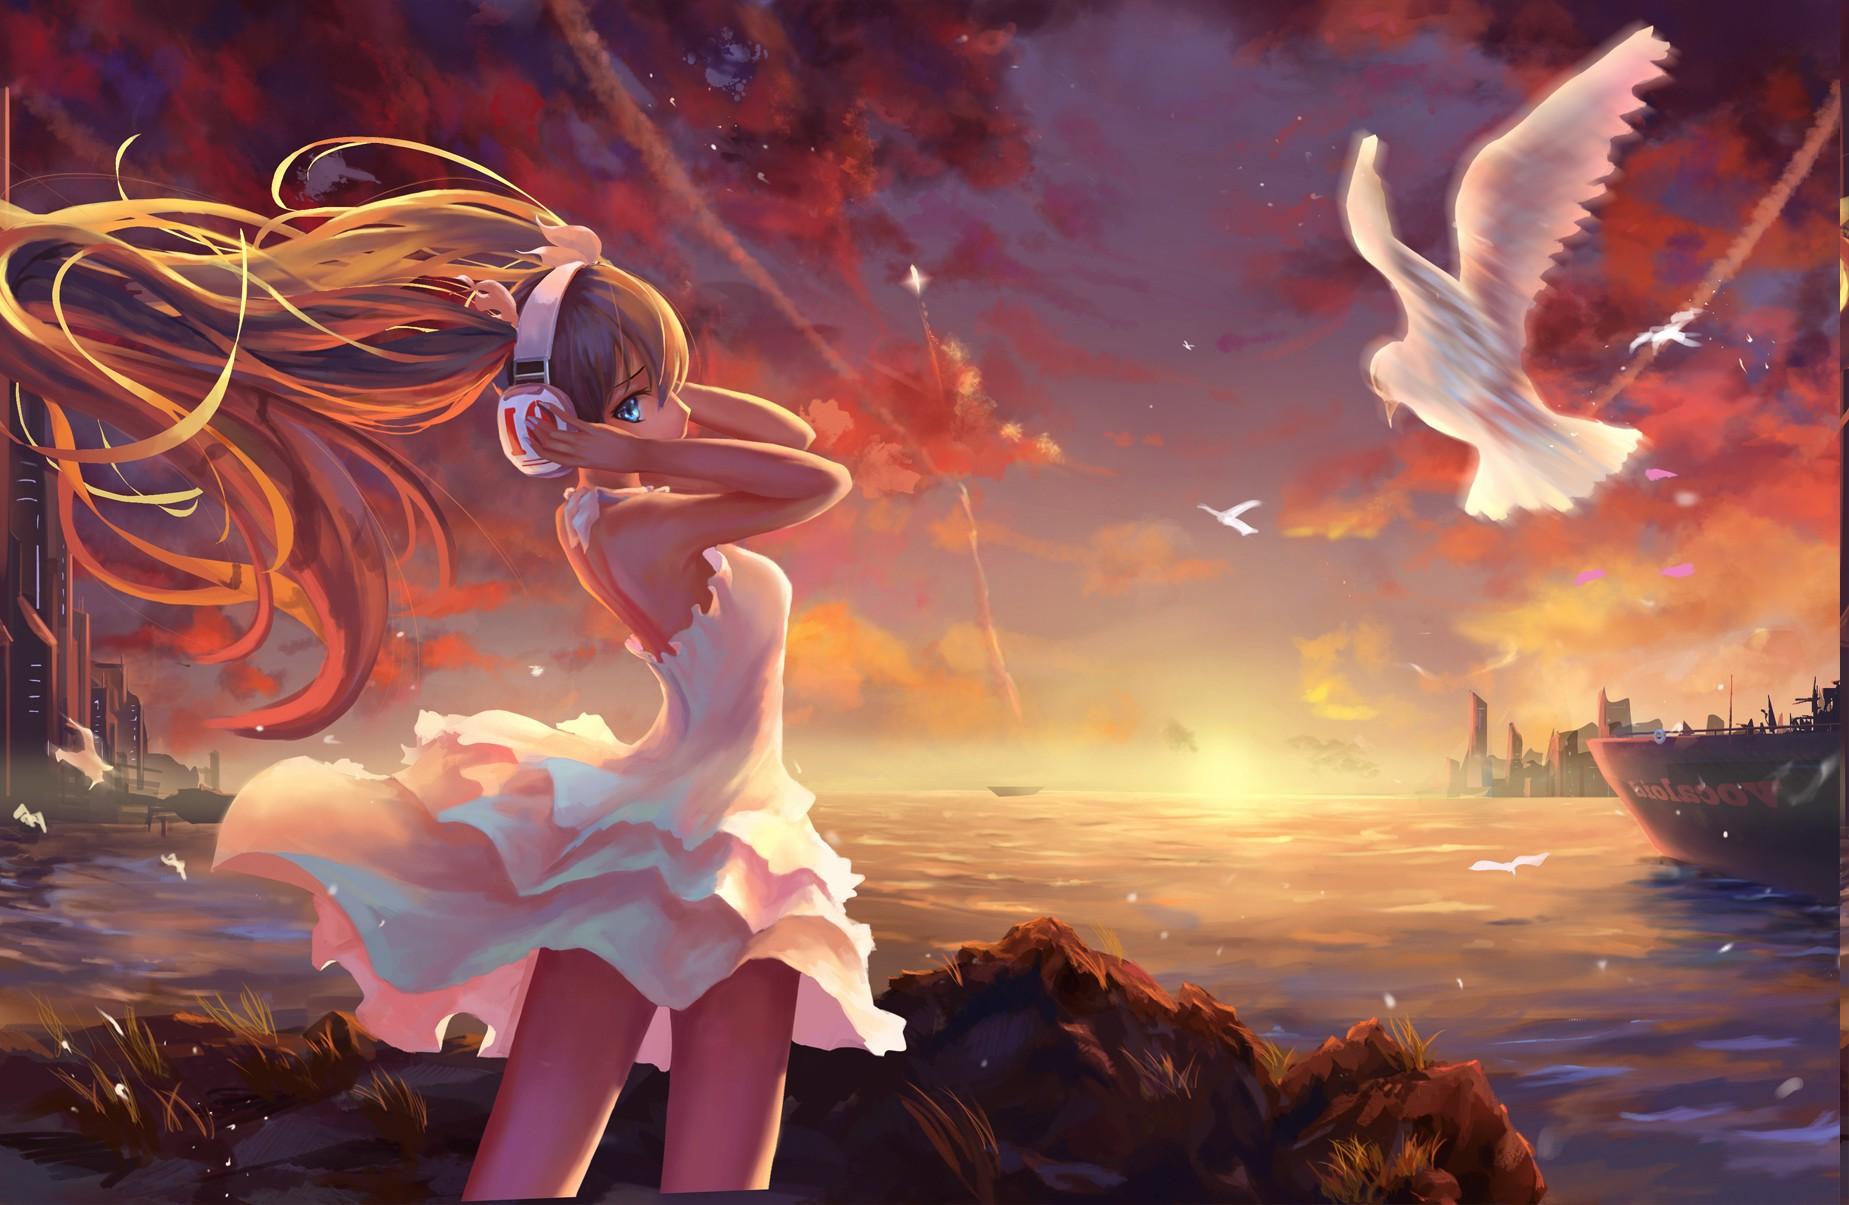 Masaüstü Manzara Boyama Illüstrasyon Sarışın Deniz Anime